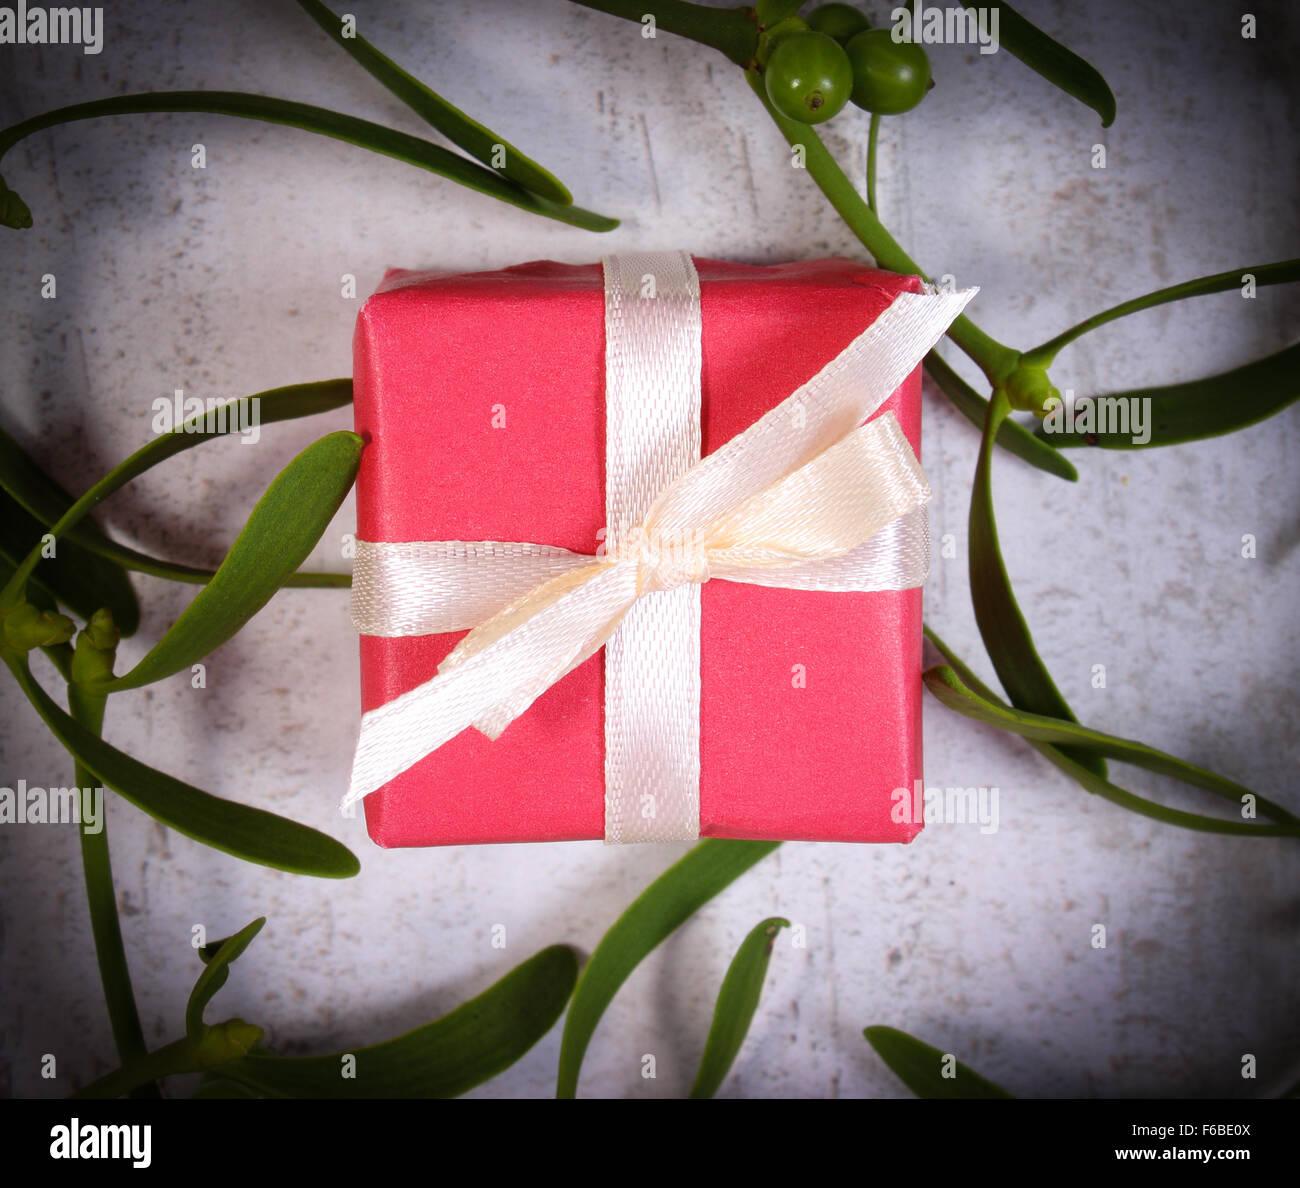 Rojo envuelto para regalo de Navidad o cualquier otra celebración y la rama de muérdago verde sobre fondo Imagen De Stock